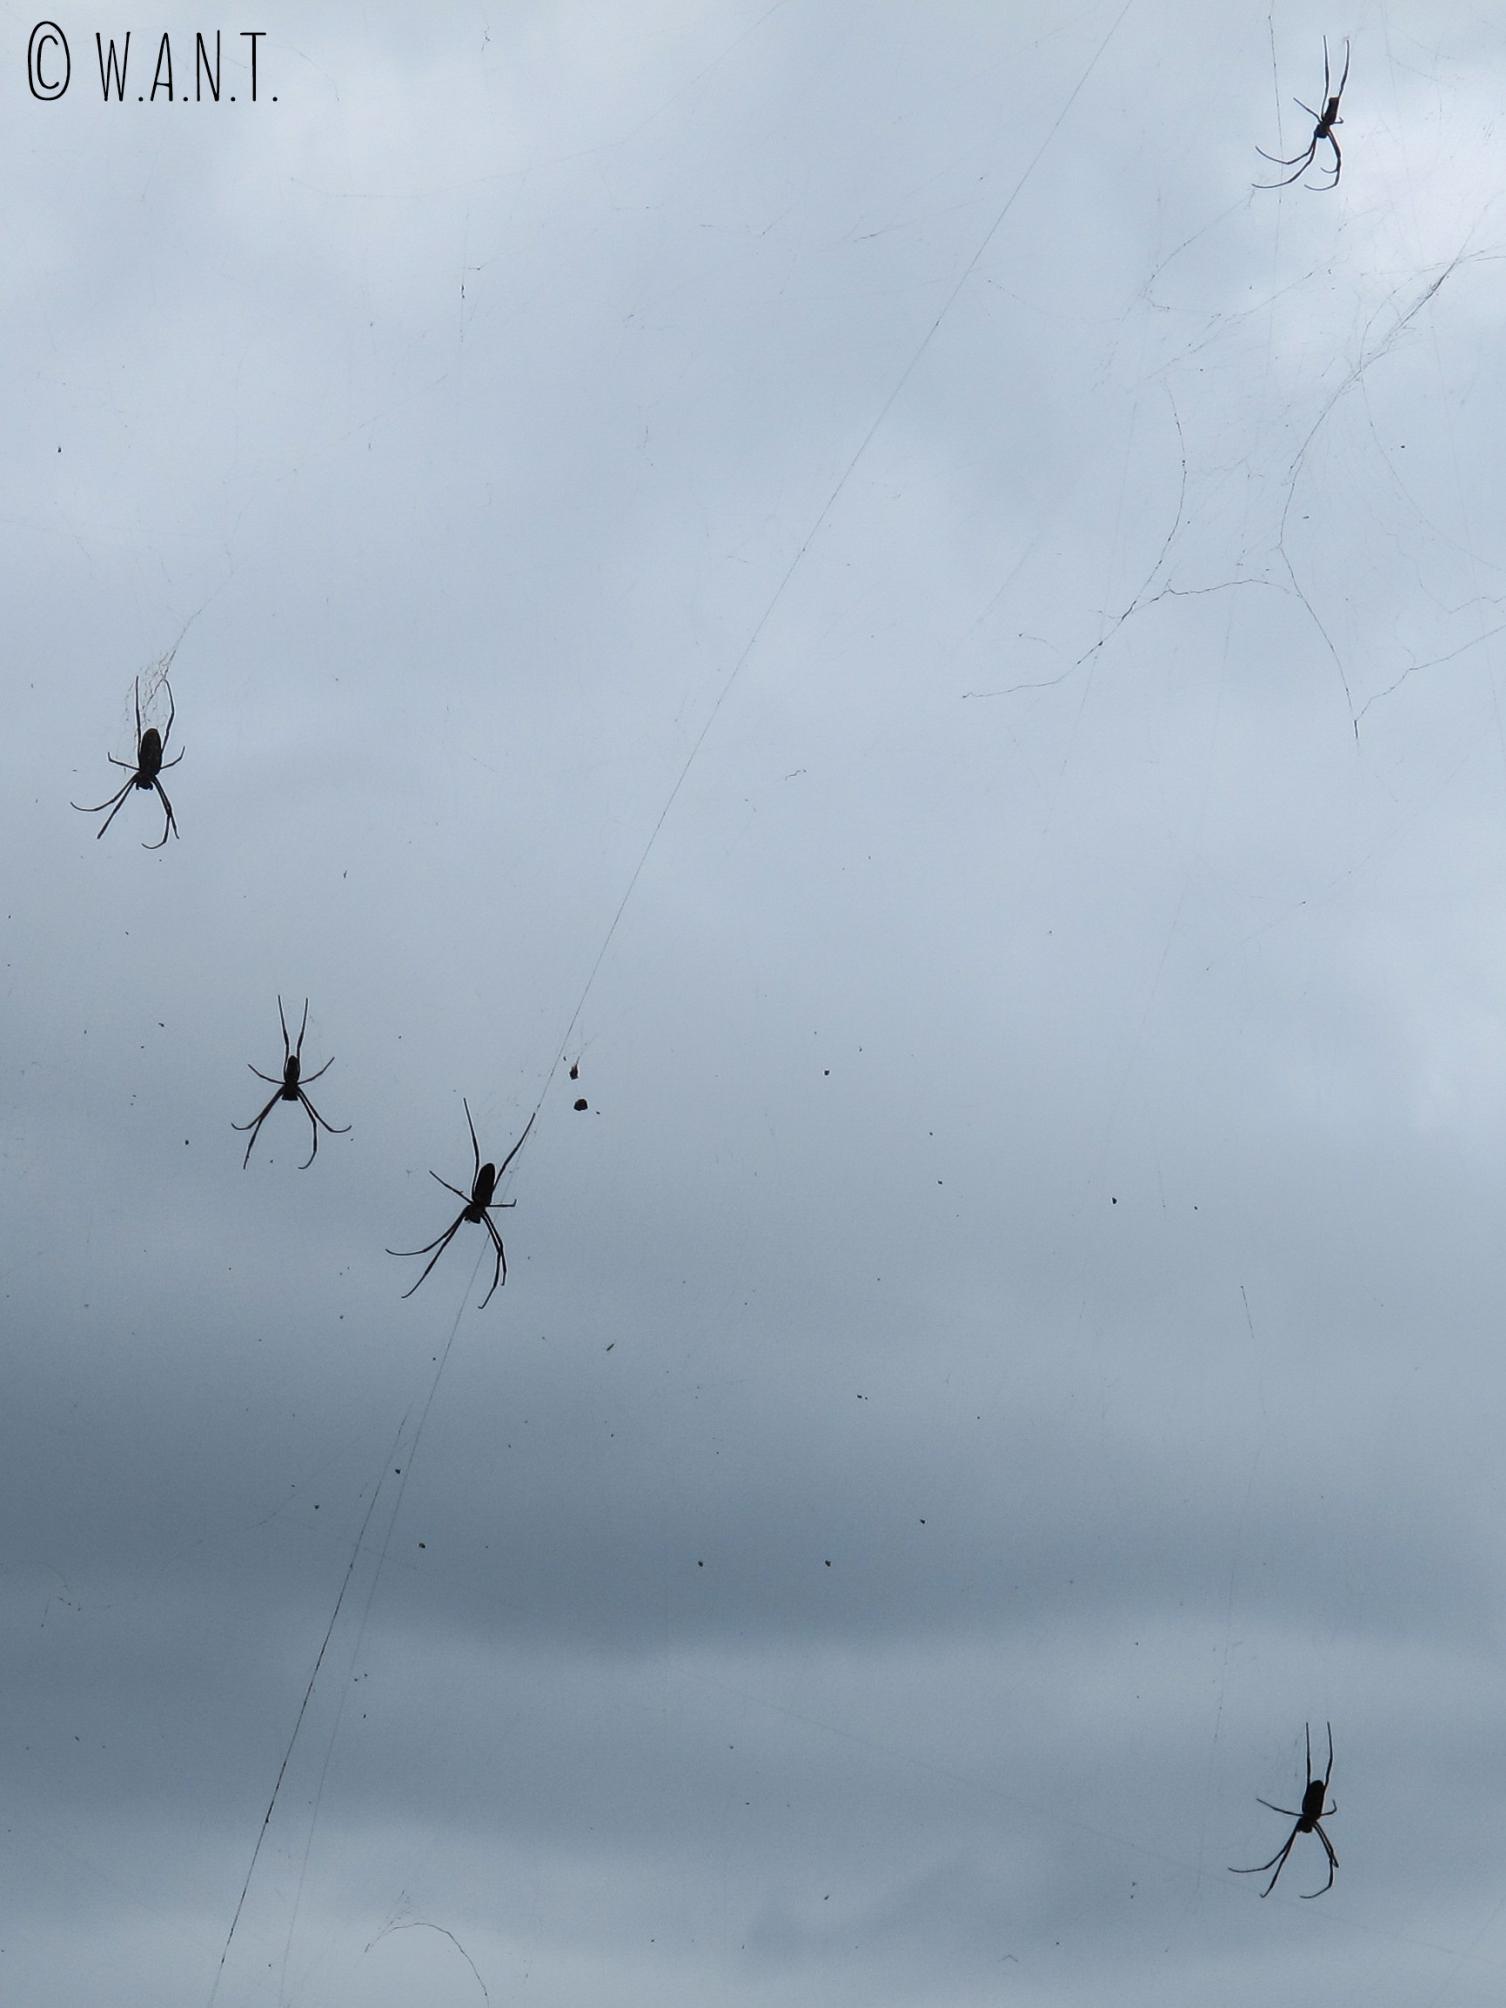 Enormes araignées pendues entre les fils électriques sur la route 725 de Da Lat